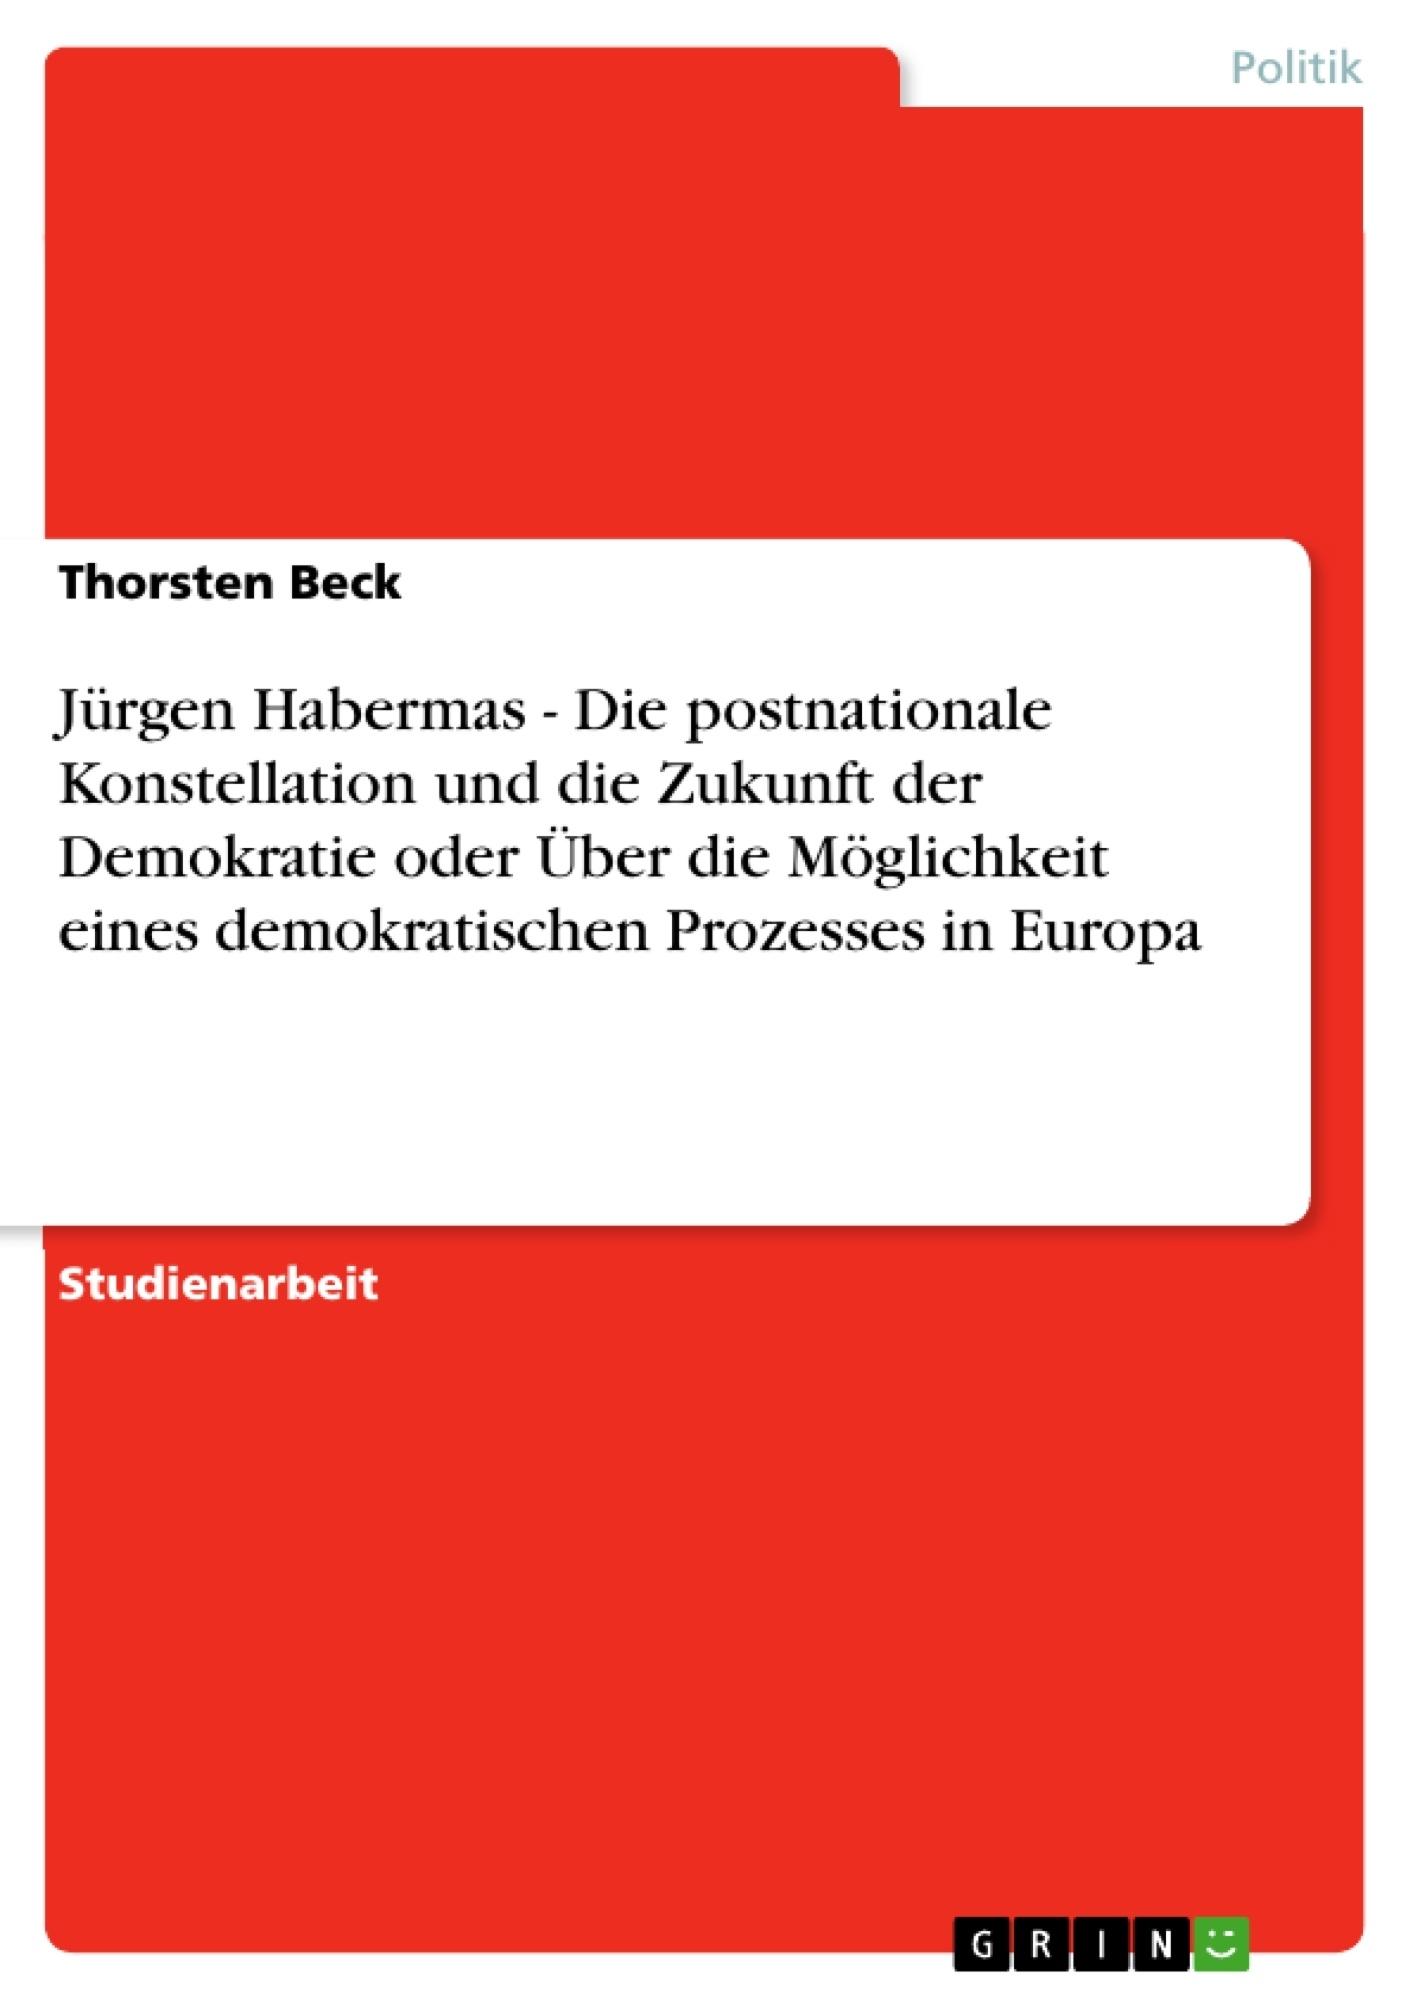 Titel: Jürgen Habermas - Die postnationale Konstellation und die Zukunft der Demokratie oder Über die Möglichkeit eines demokratischen Prozesses in Europa